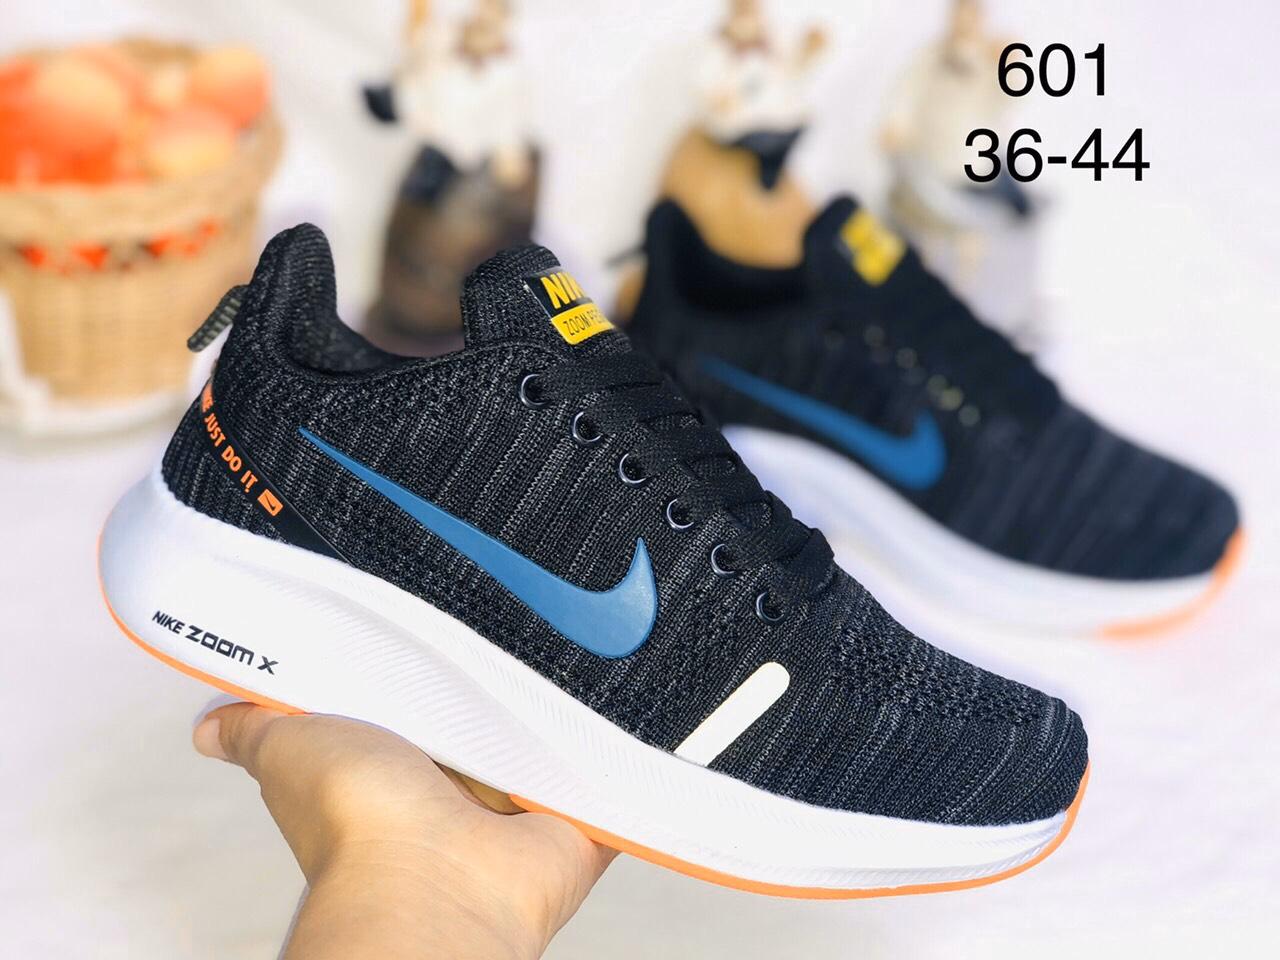 Giày Nike Zoom X01 màu cam